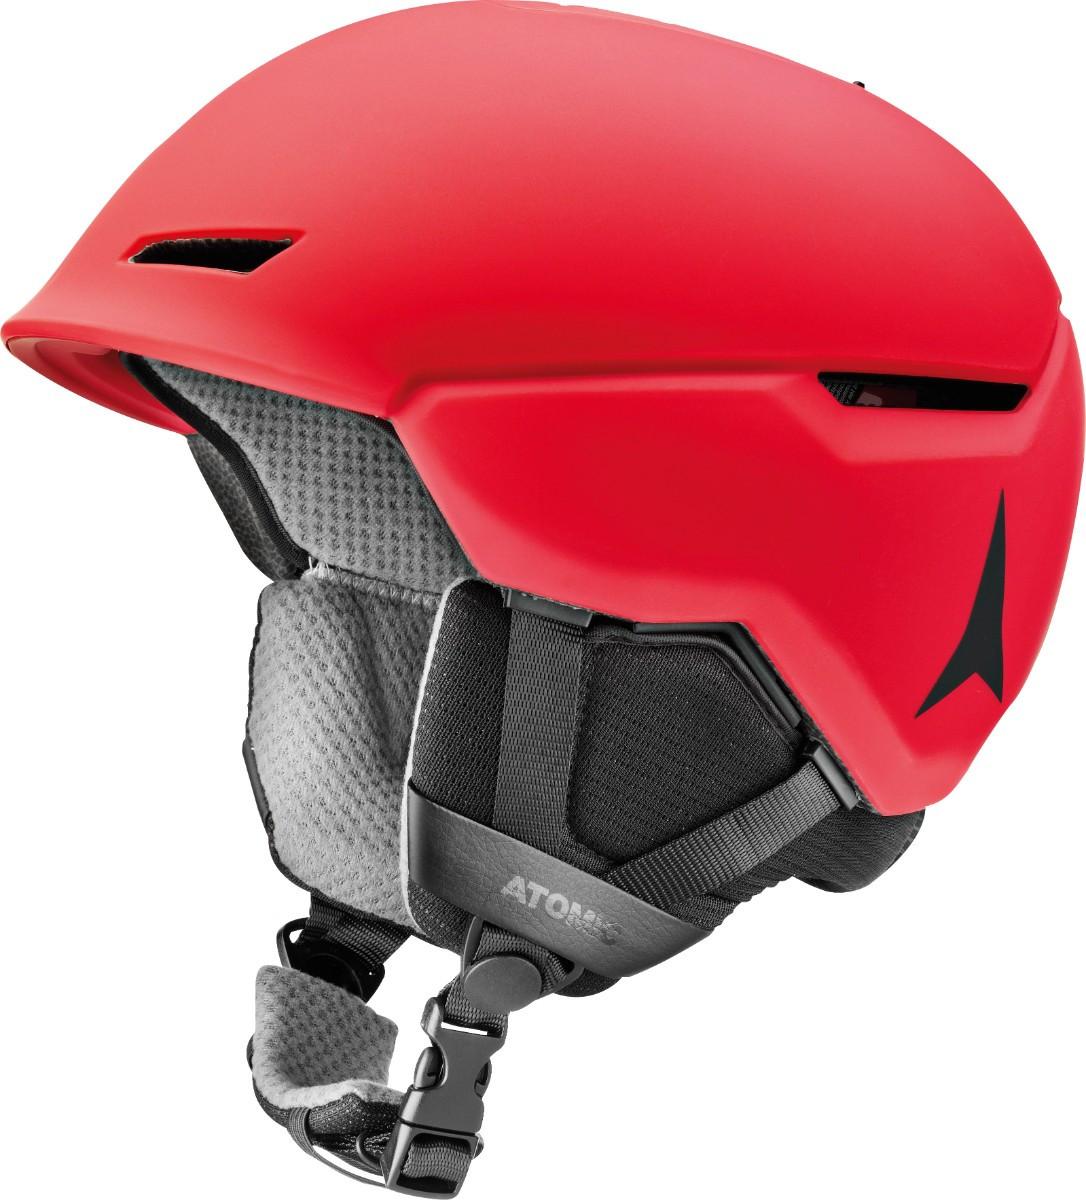 Atomic Revent+ červená Velikost helmy: S 2019/2020